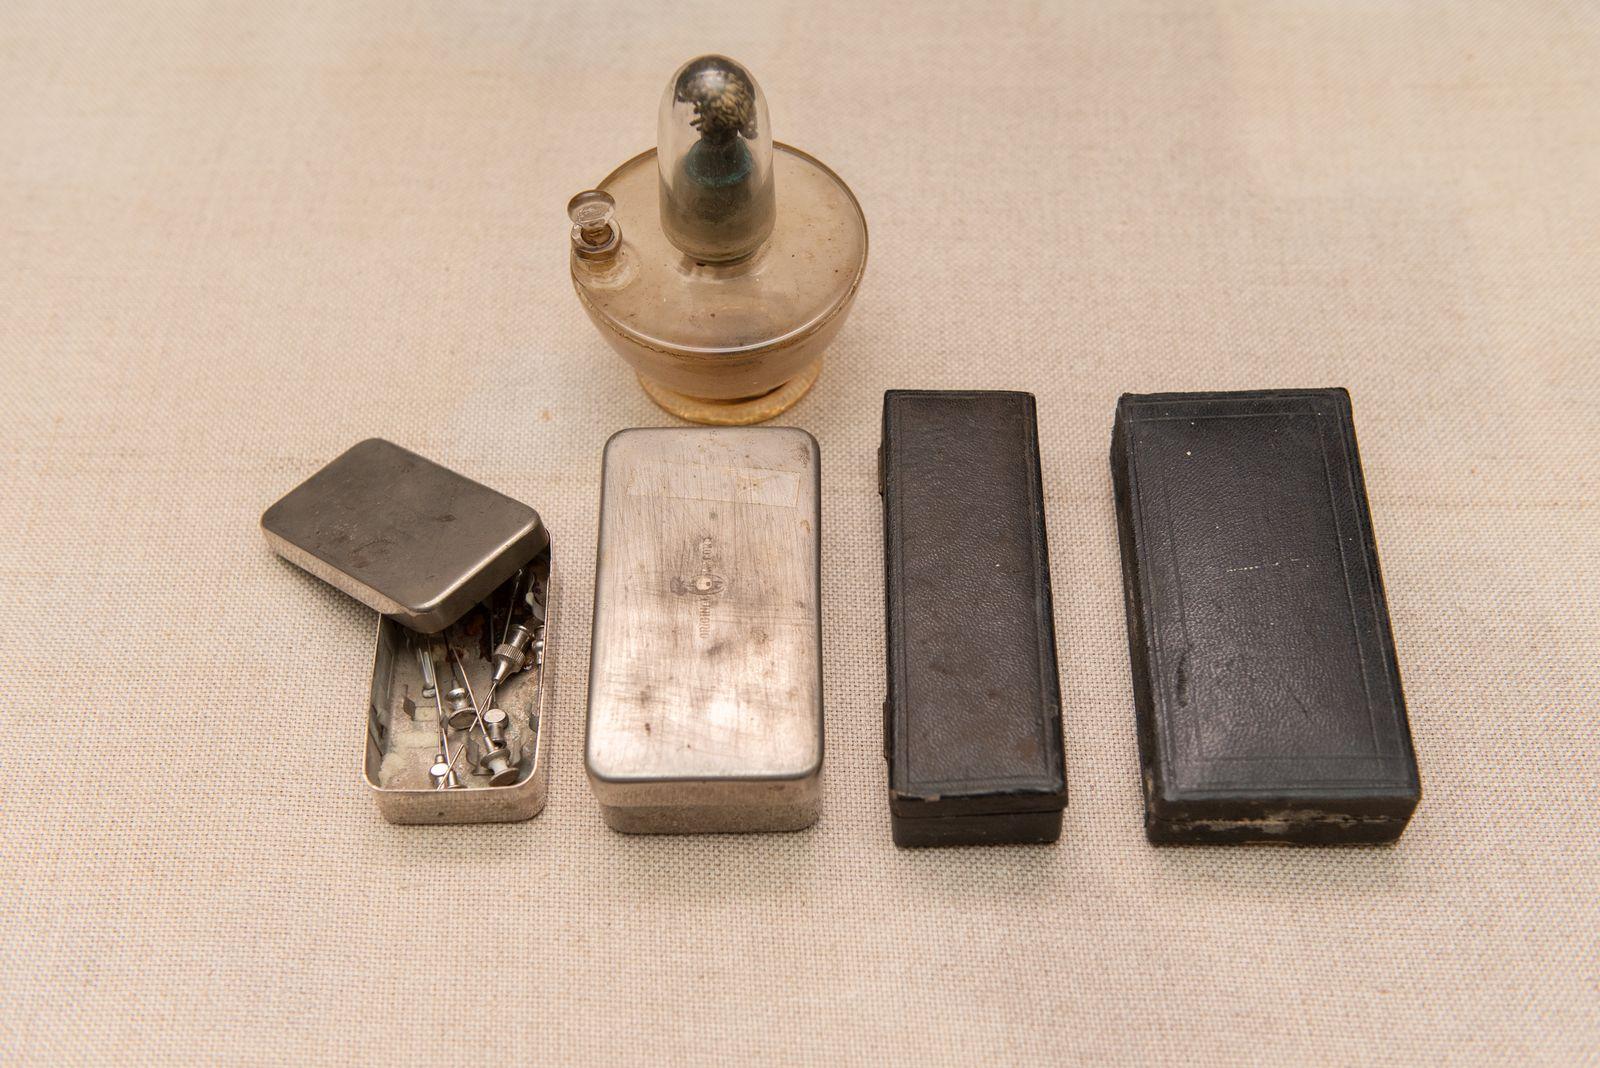 Muzei85_Спиртник, кутии за спринцовки и набор от игли от началото на 20-ти век